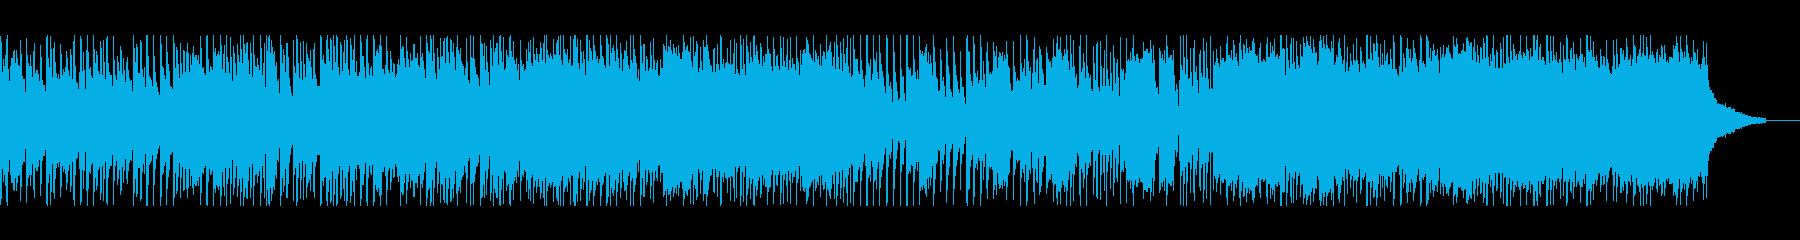 ヴィオラソロが前向きで明るいポップの再生済みの波形